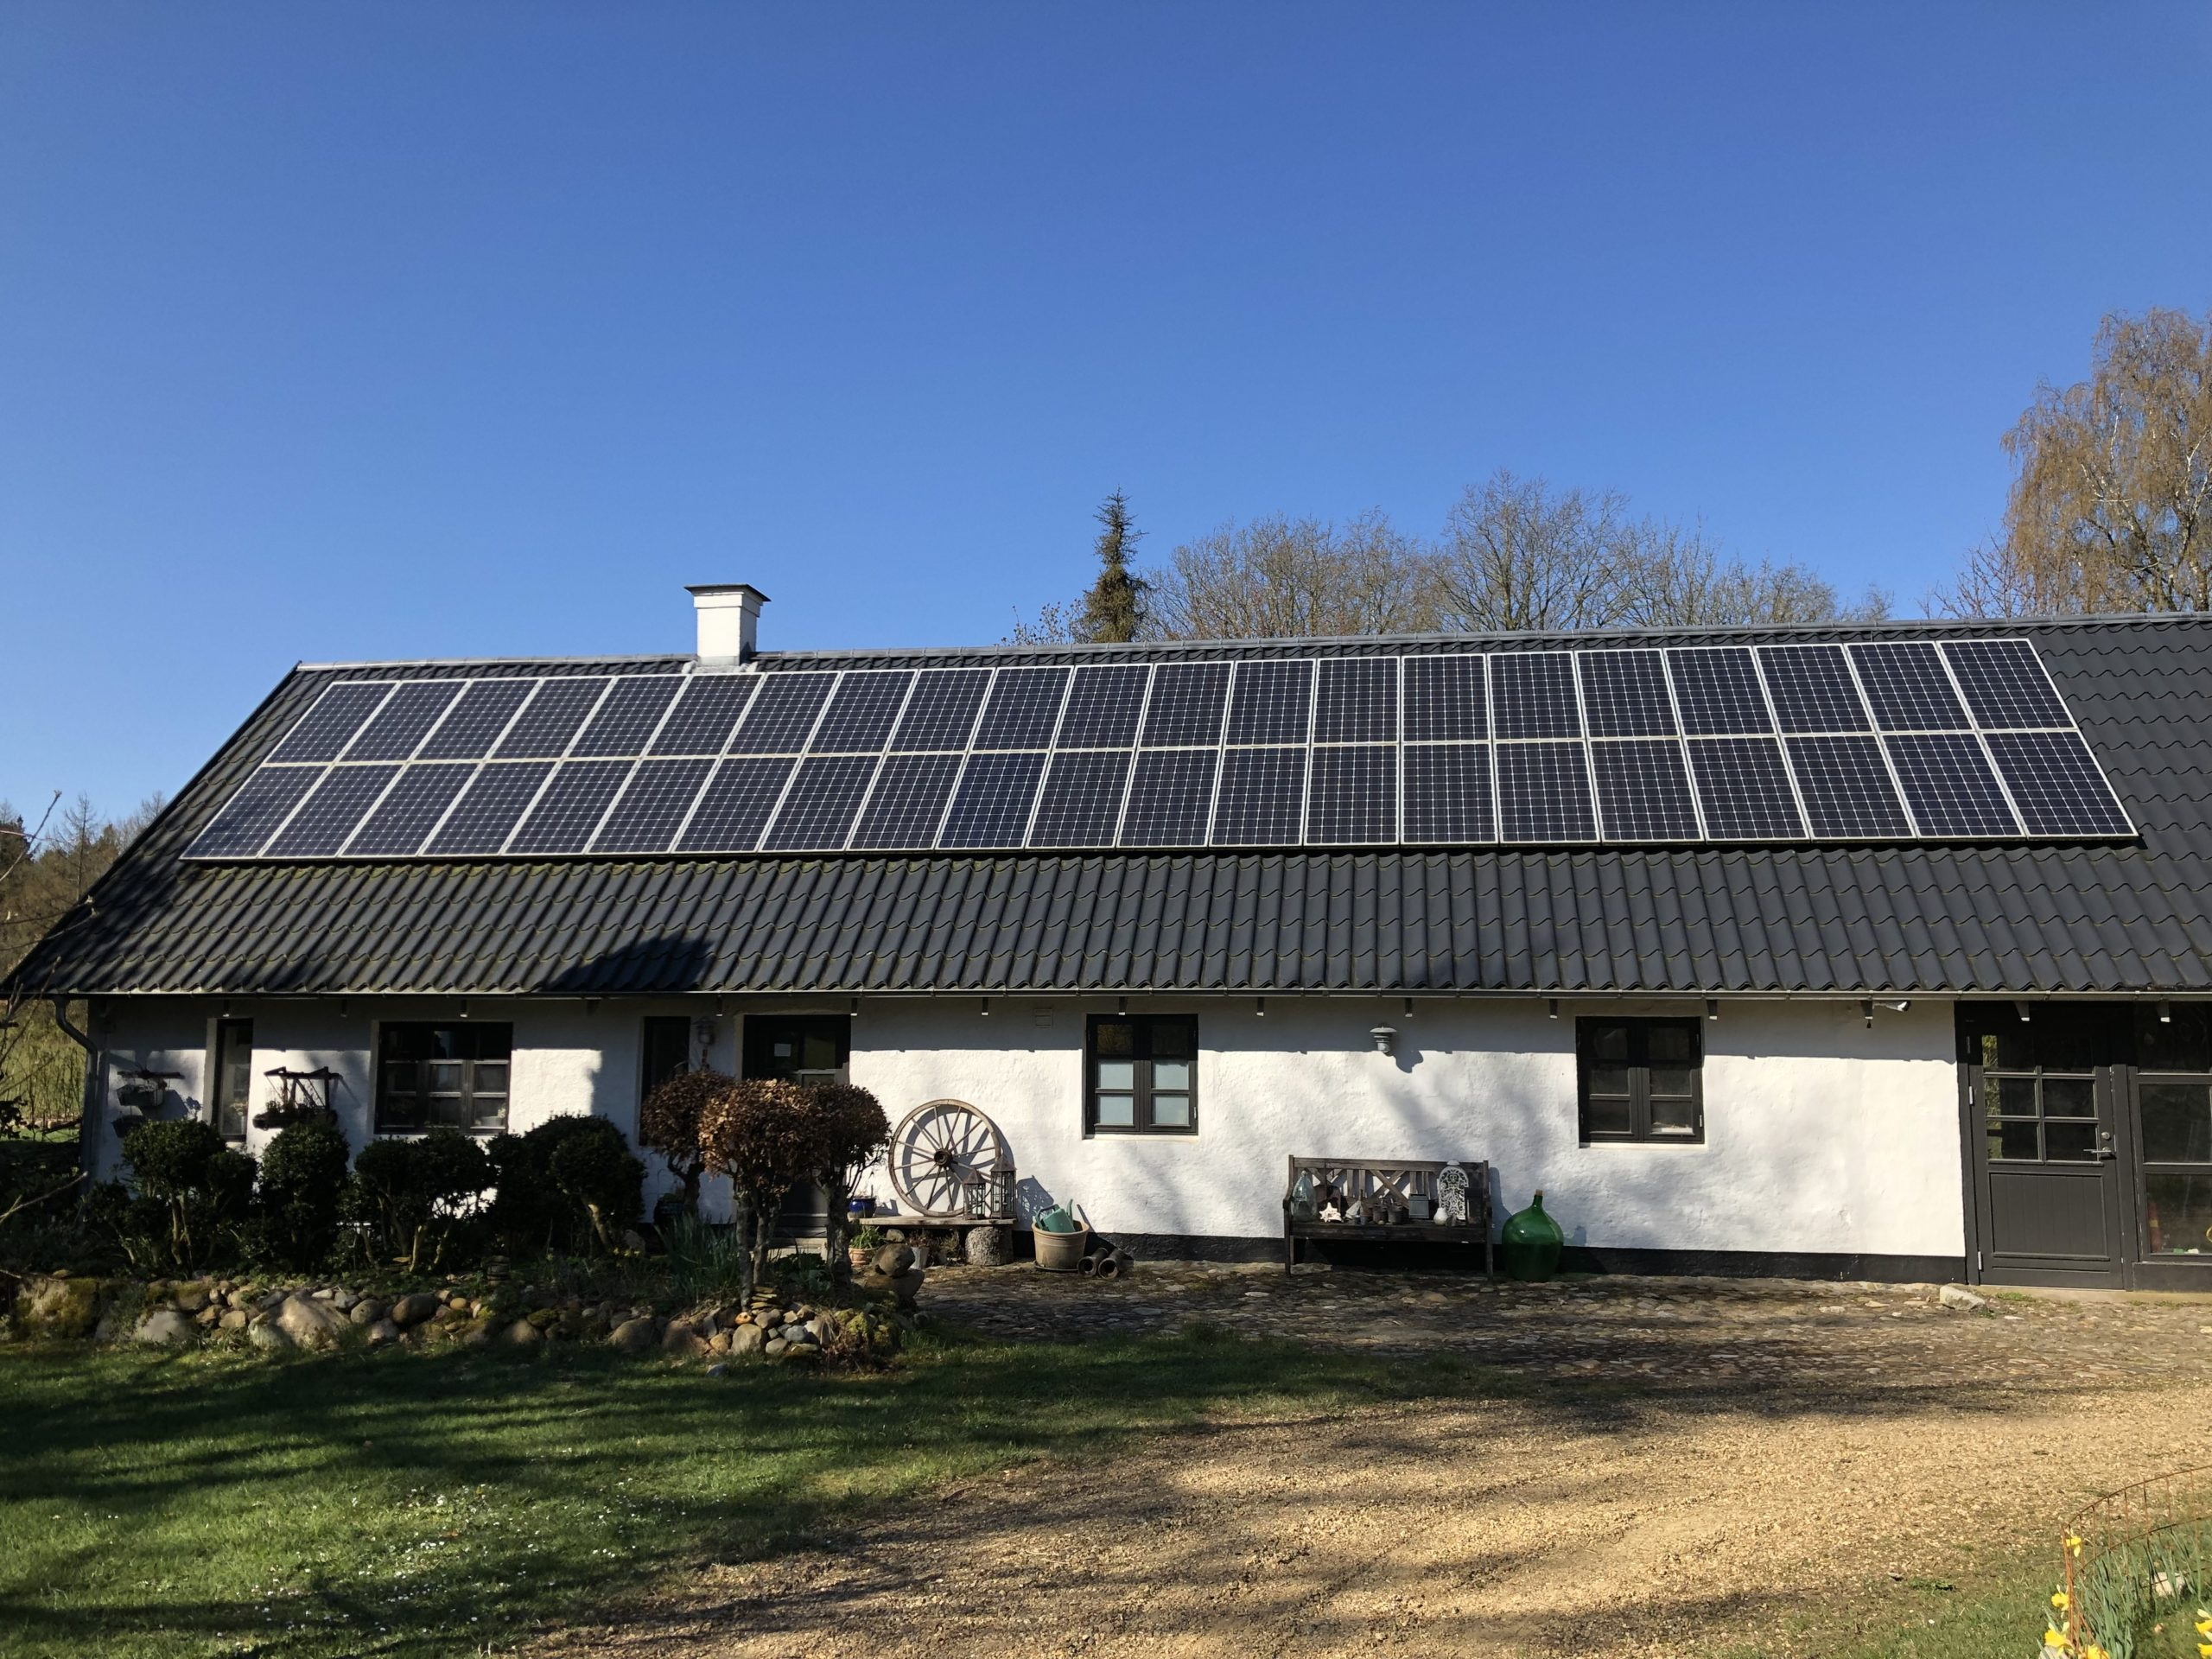 Se solcellernes bidrag til Danmarks strømproduktion